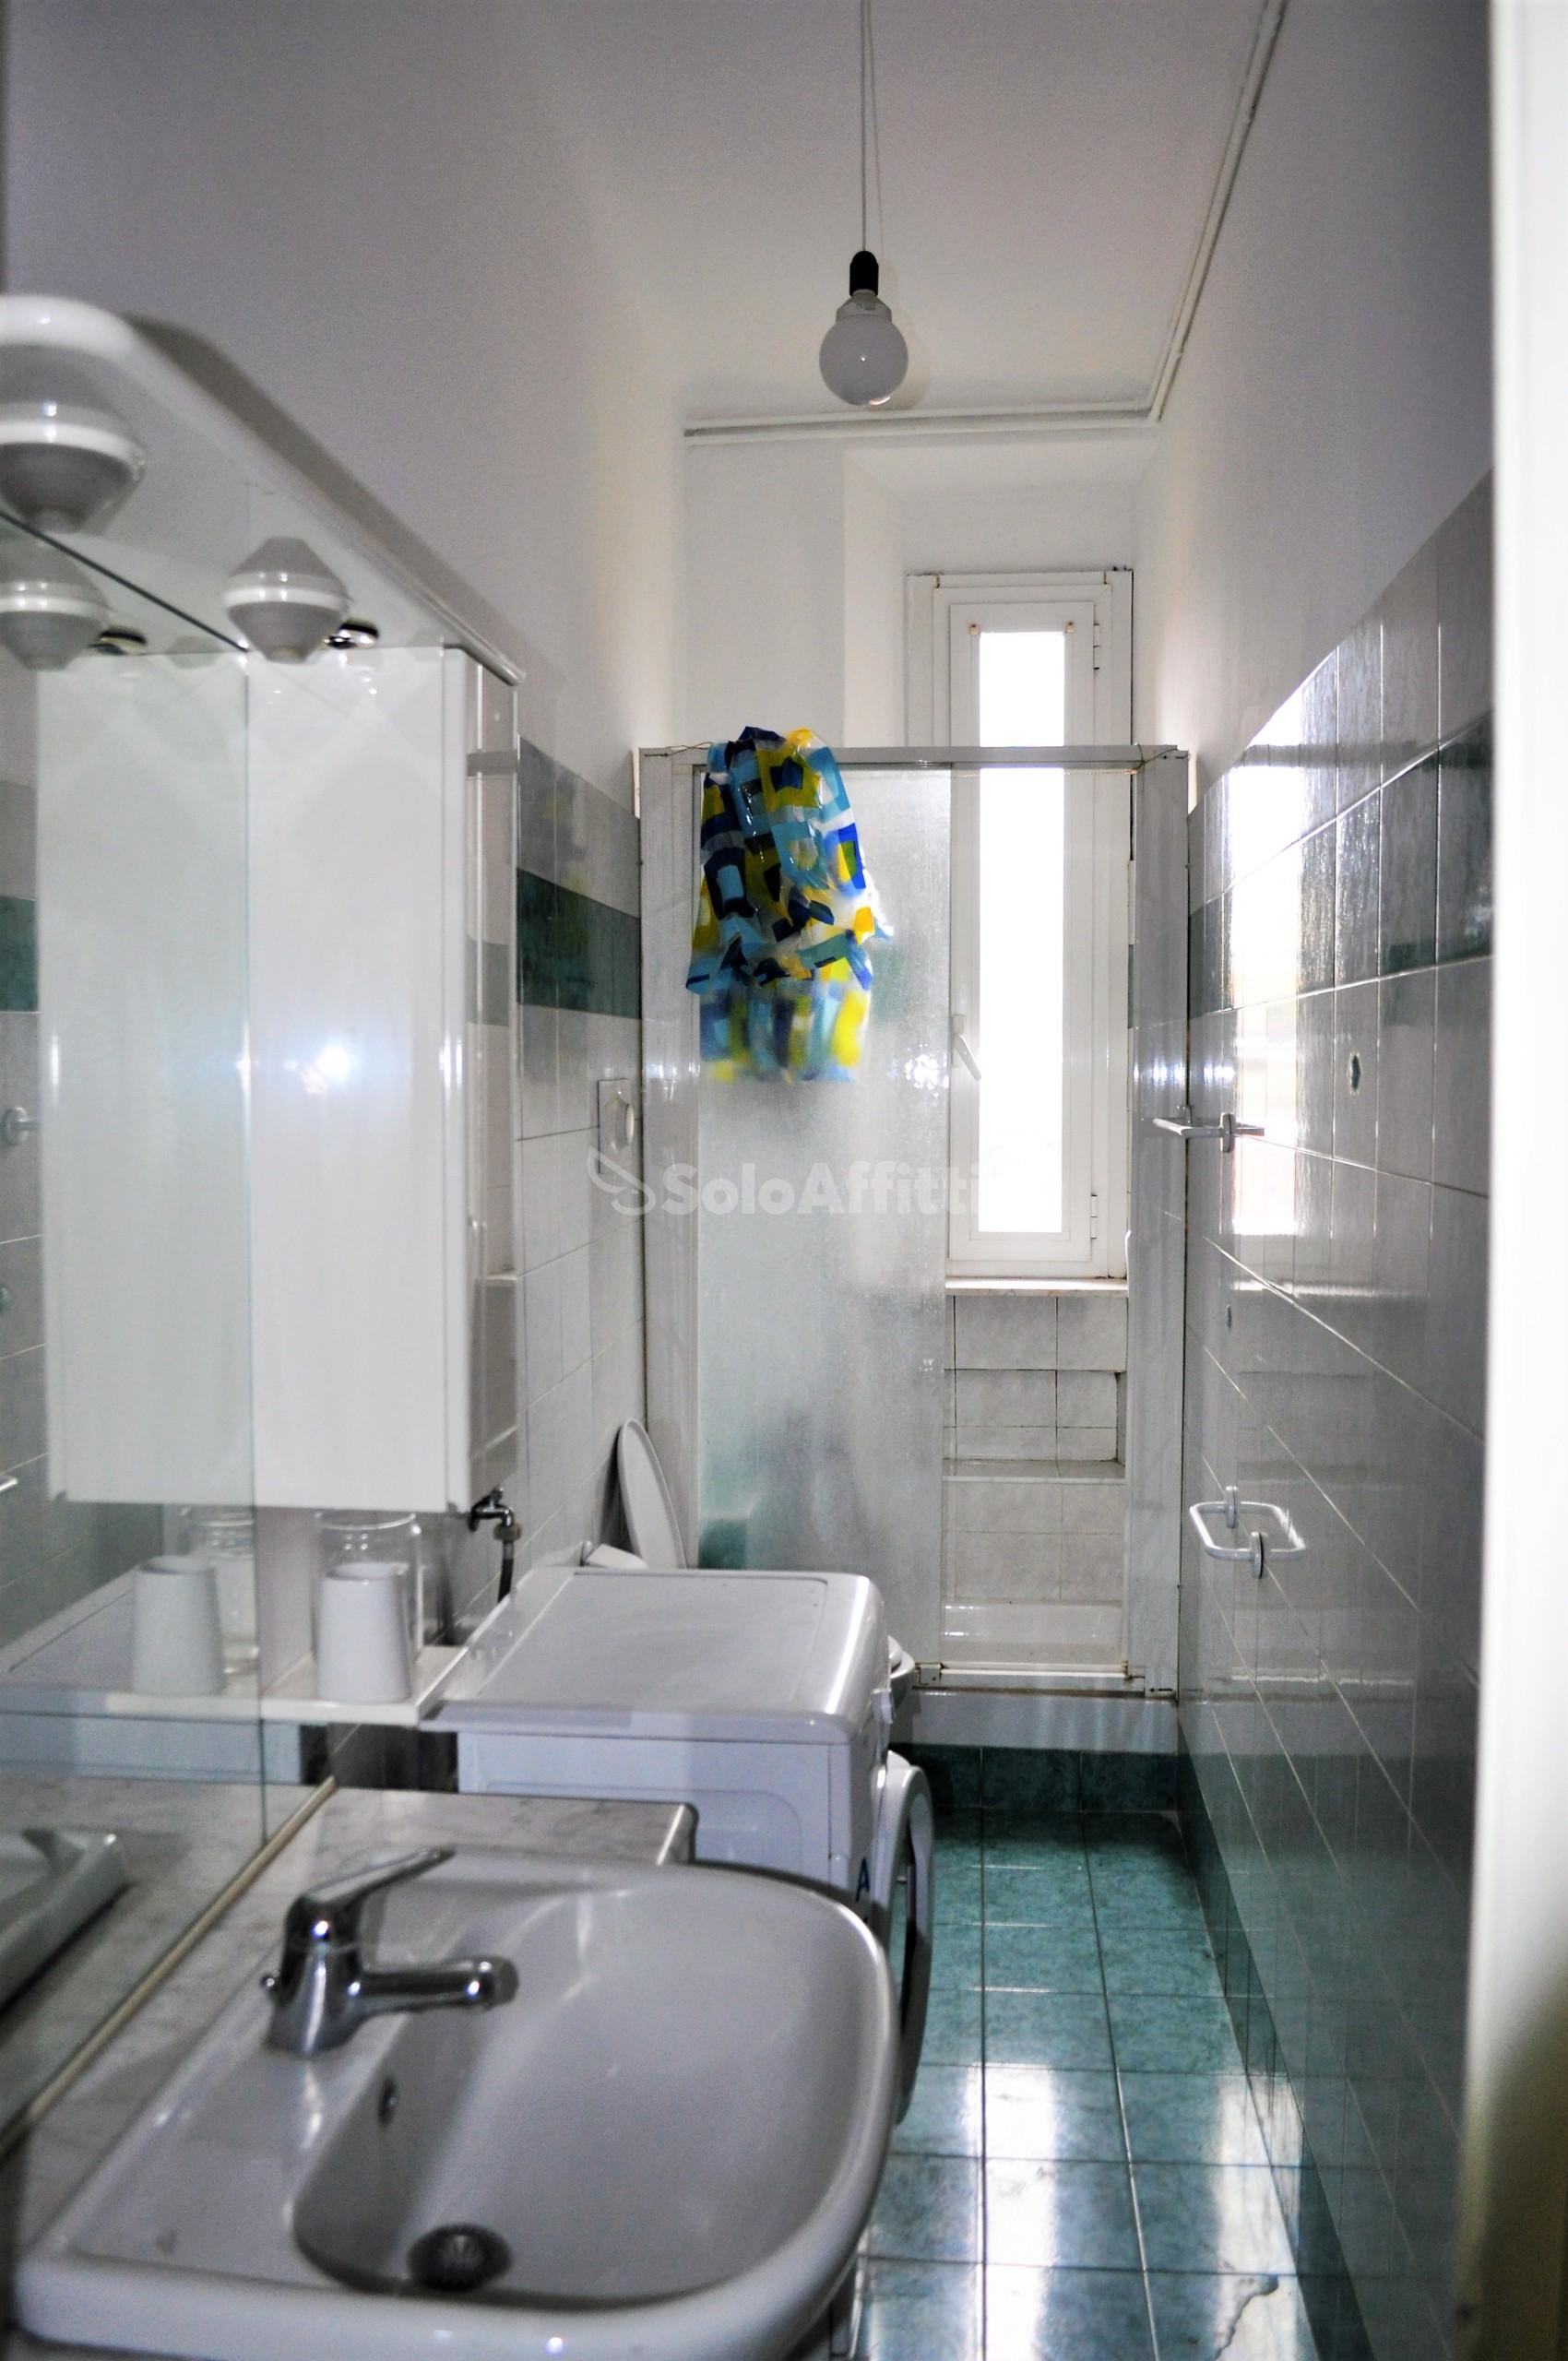 Affitto appartamento bilocale arredato 60 mq for Bilocale arredato milano